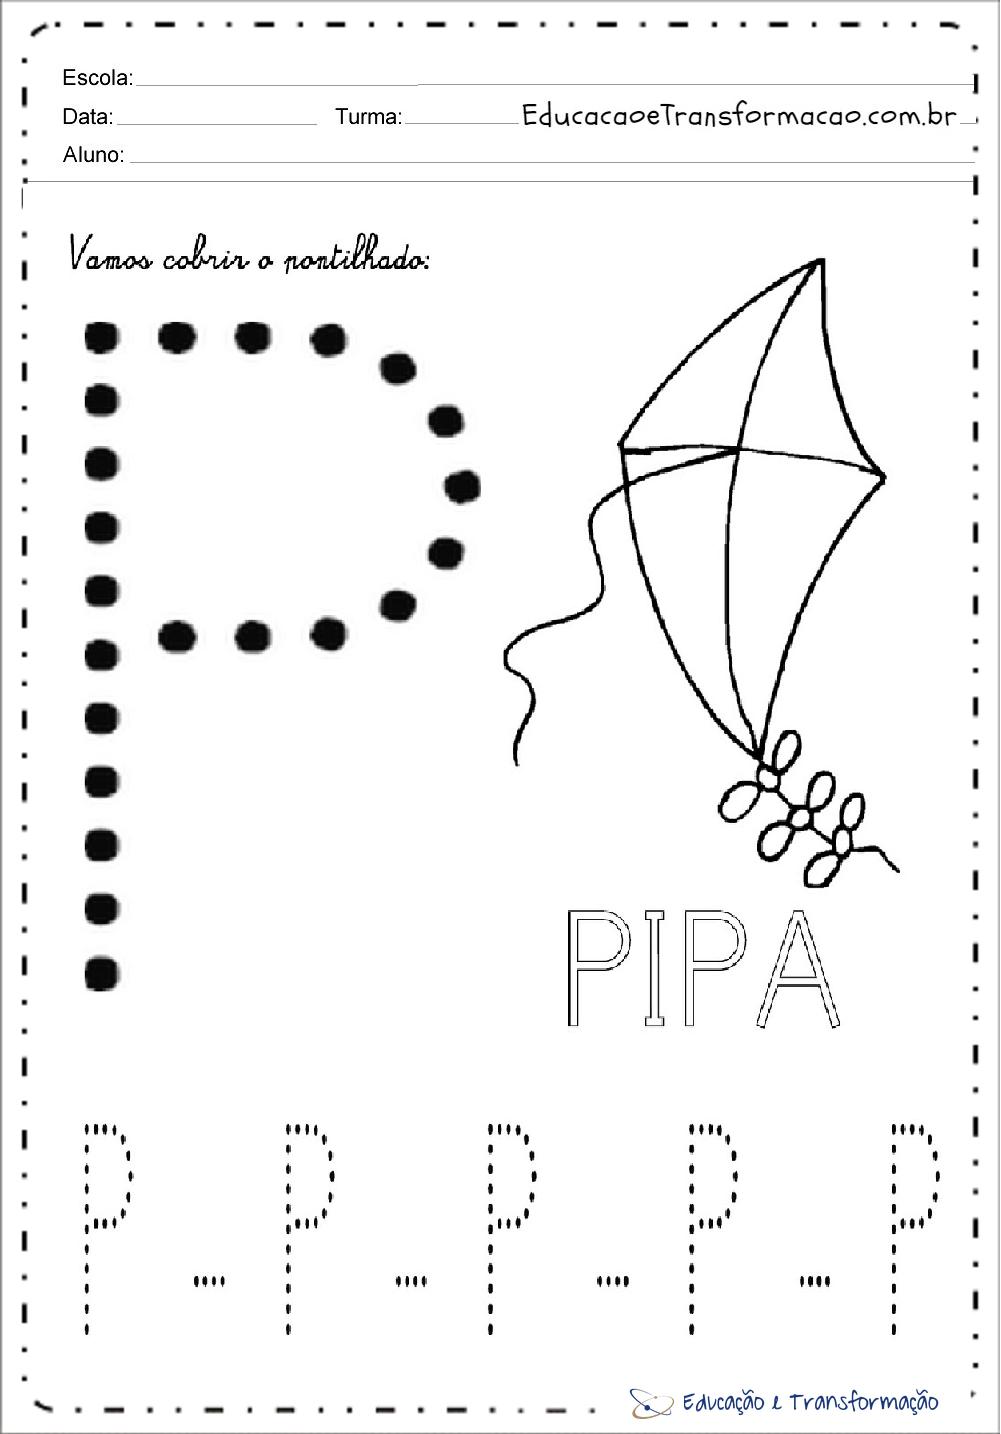 Atividades com a Letra P - Pontilhado (Tracejado)